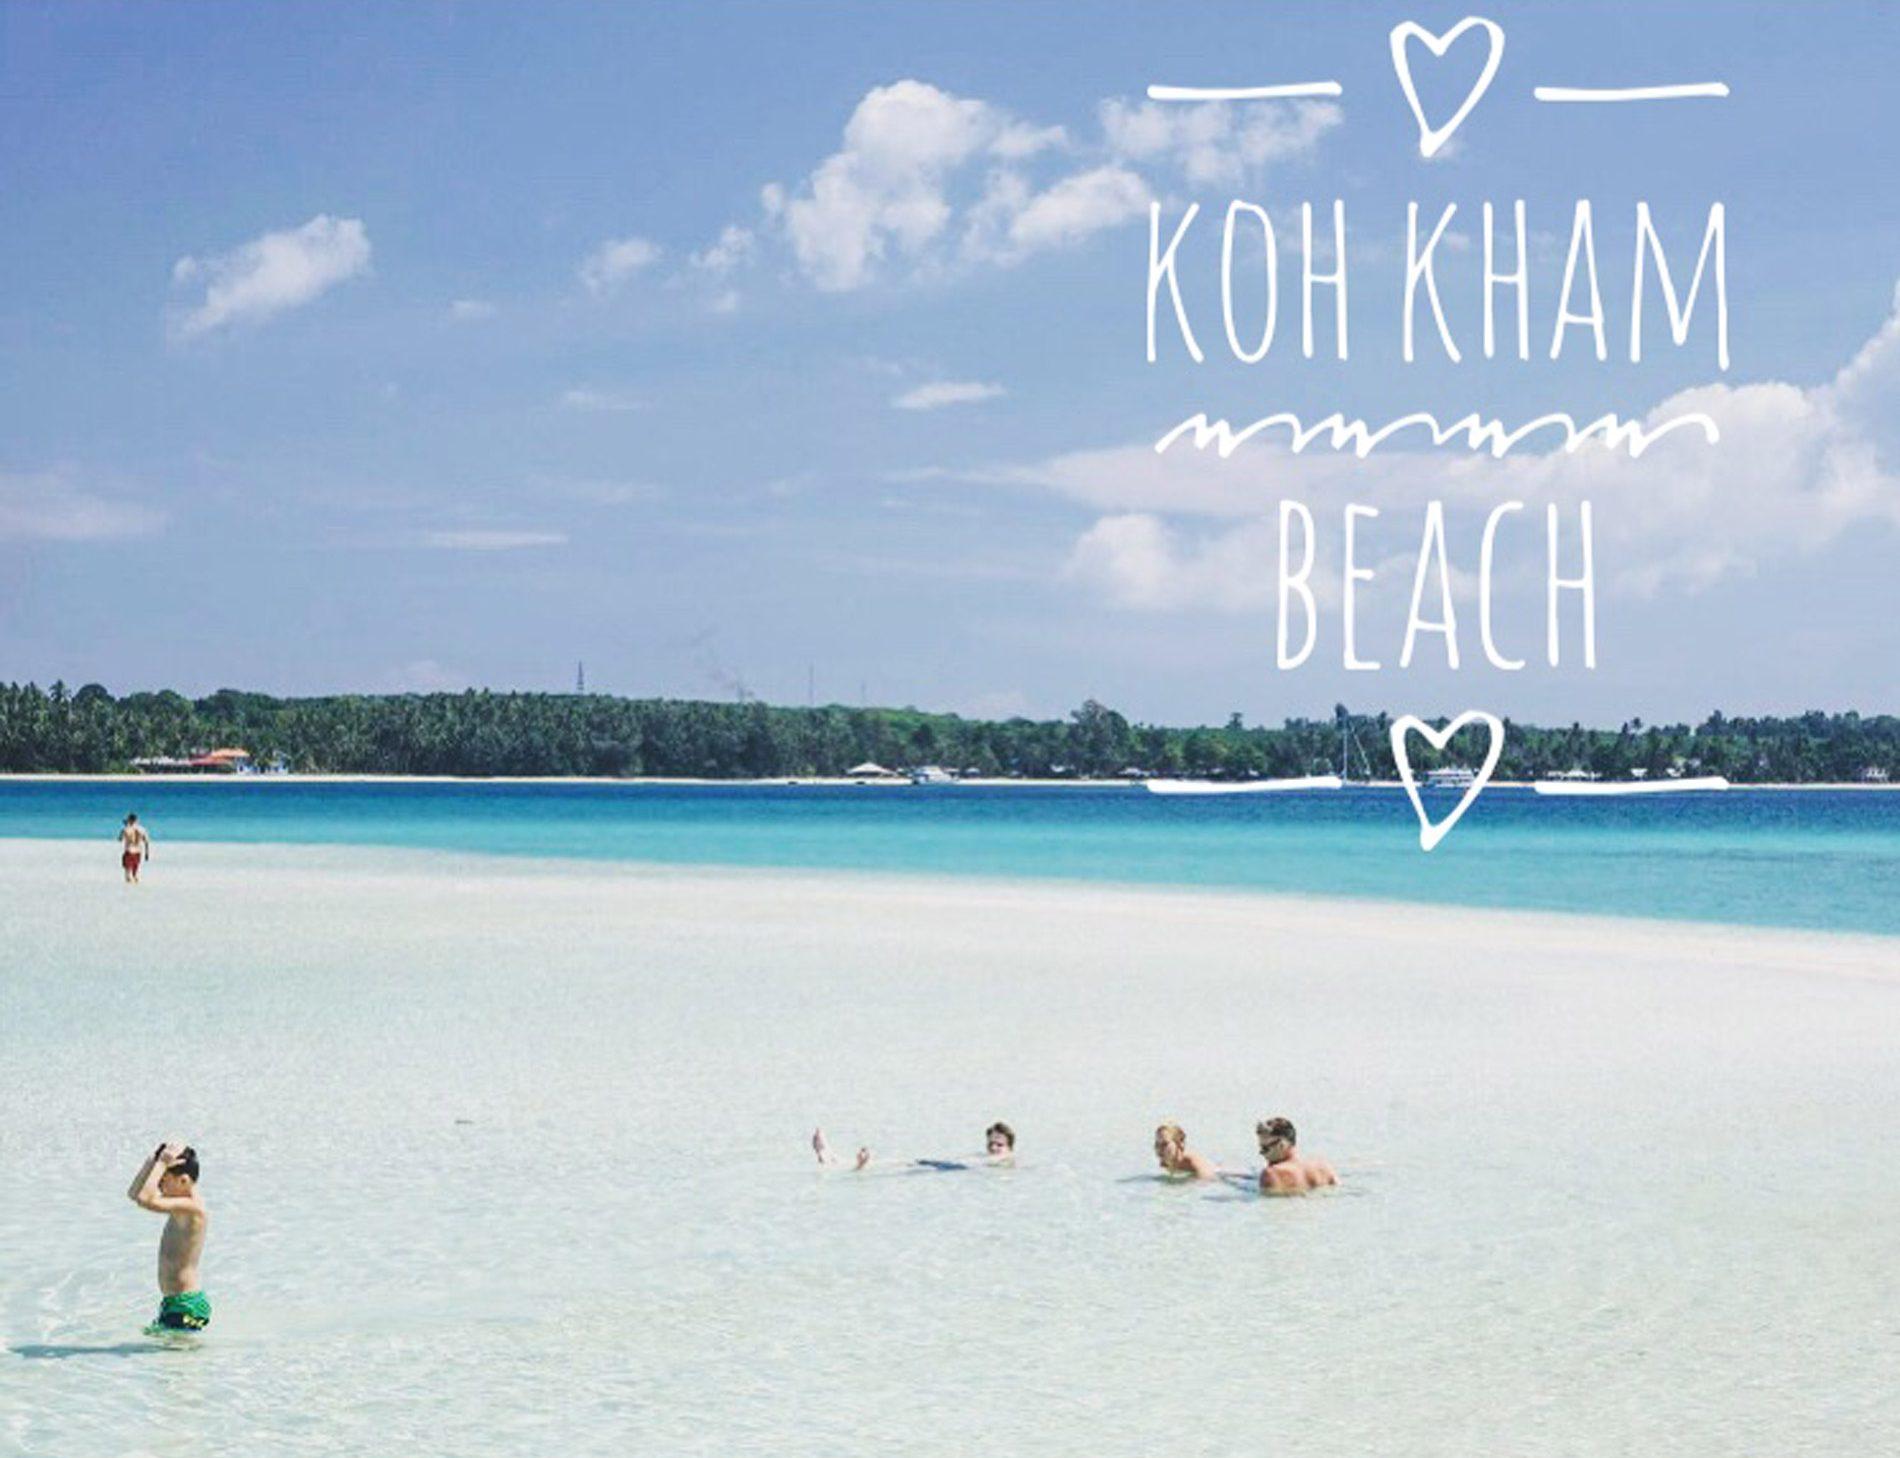 koh-kham-beach